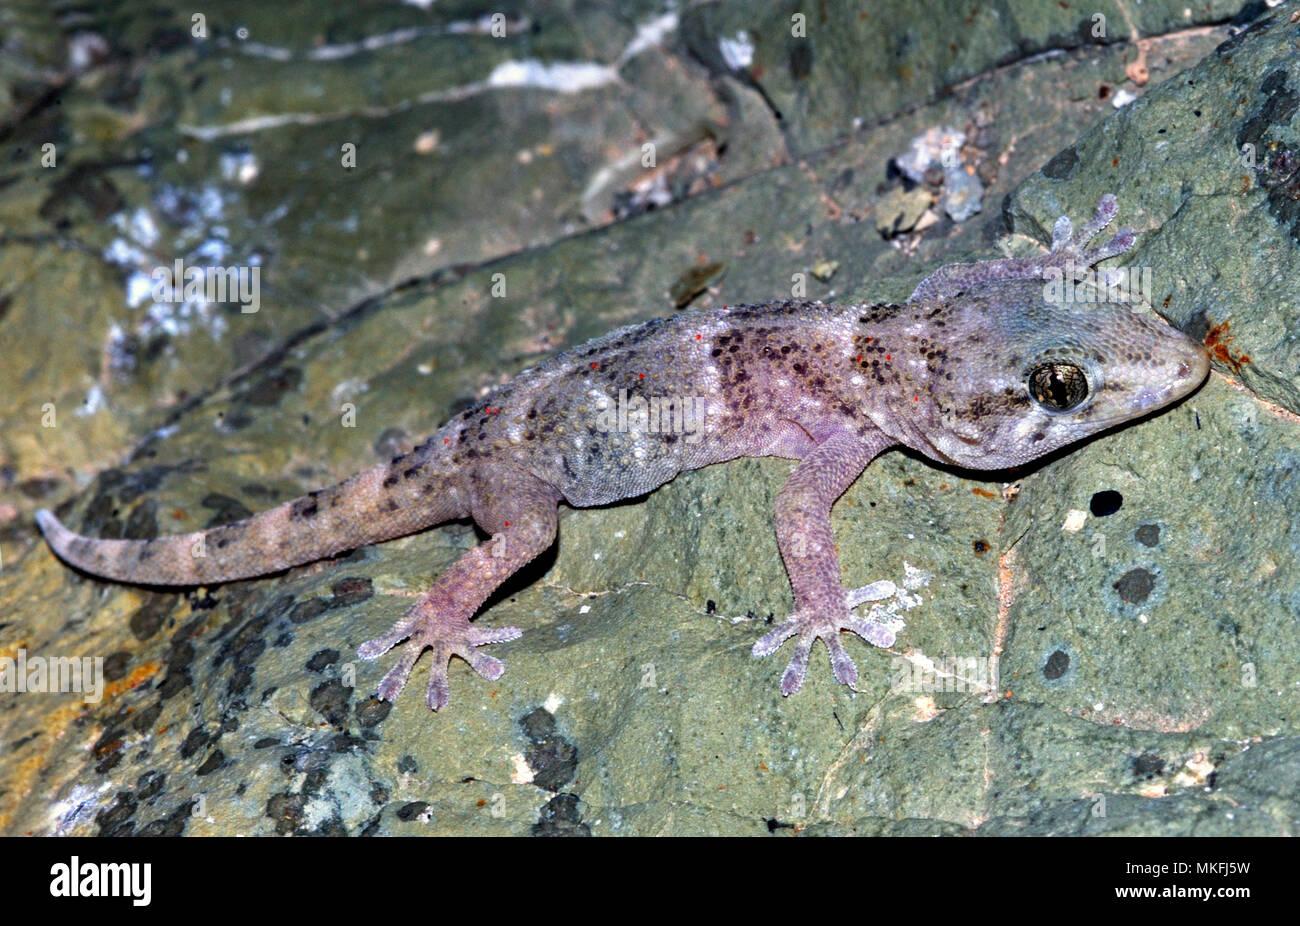 Boettger der Wall Gecko (Tarentola boettgeri). Naturschutzgebiet, Savage Islands oder Selvagens Islands (Portugiesisch: Ilhas Selvagens). Madeira, Portugal Inseln. Makaronesien. Stockbild